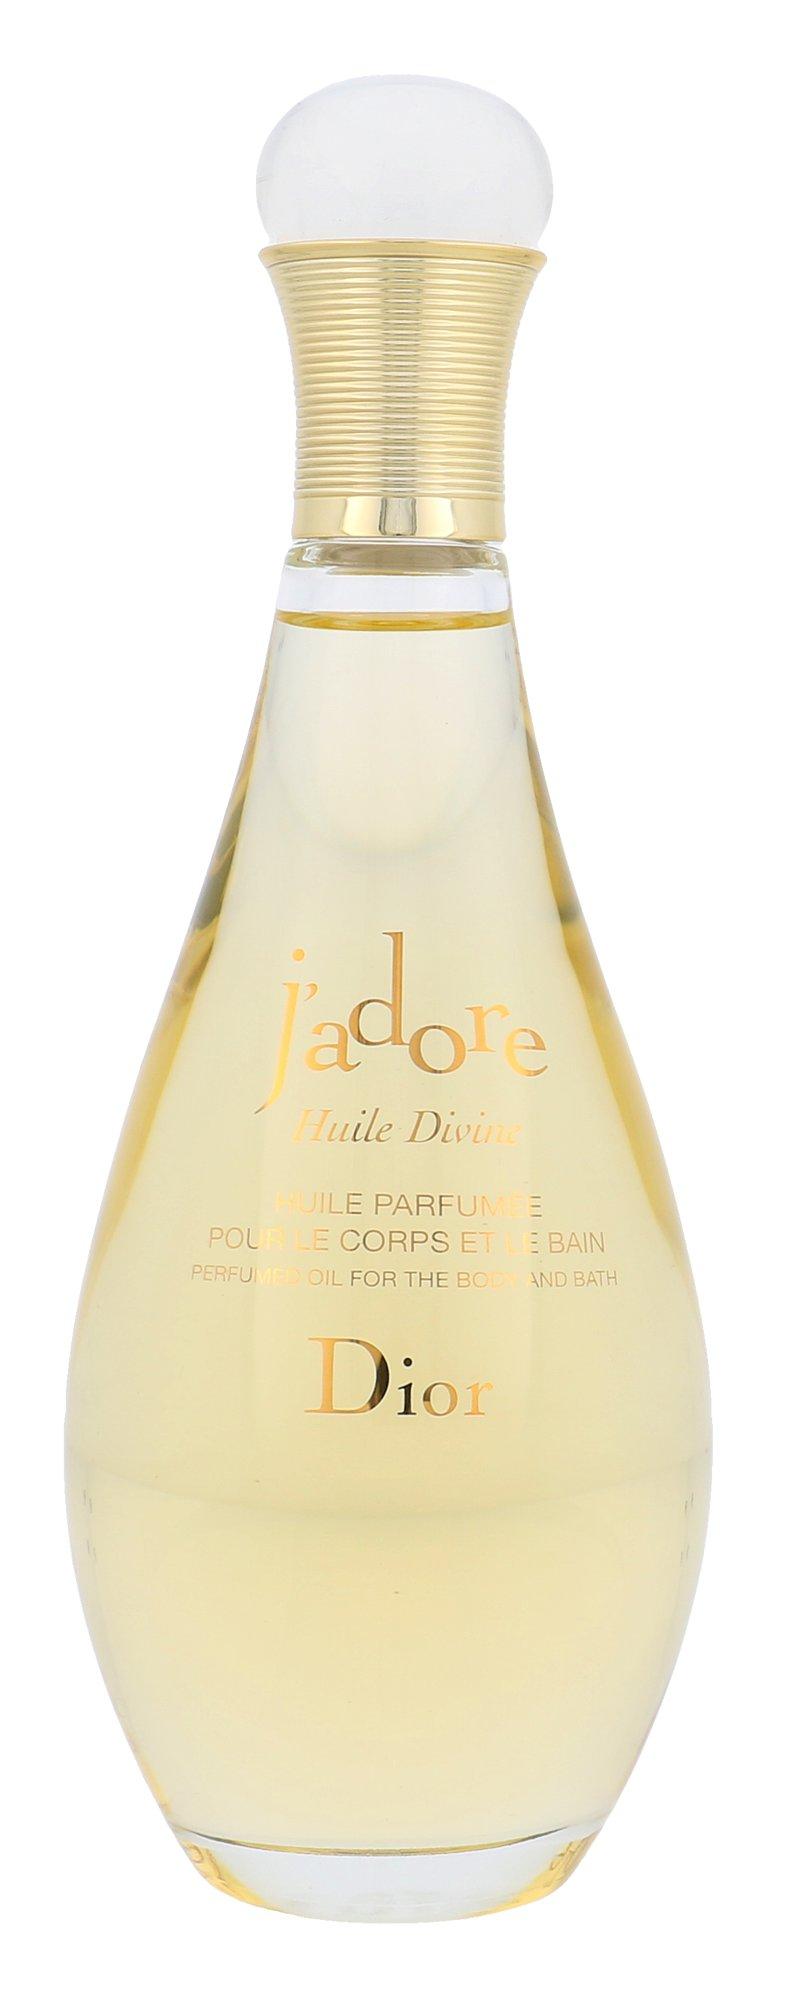 Christian Dior J´adore, Sprchovací olej 200ml